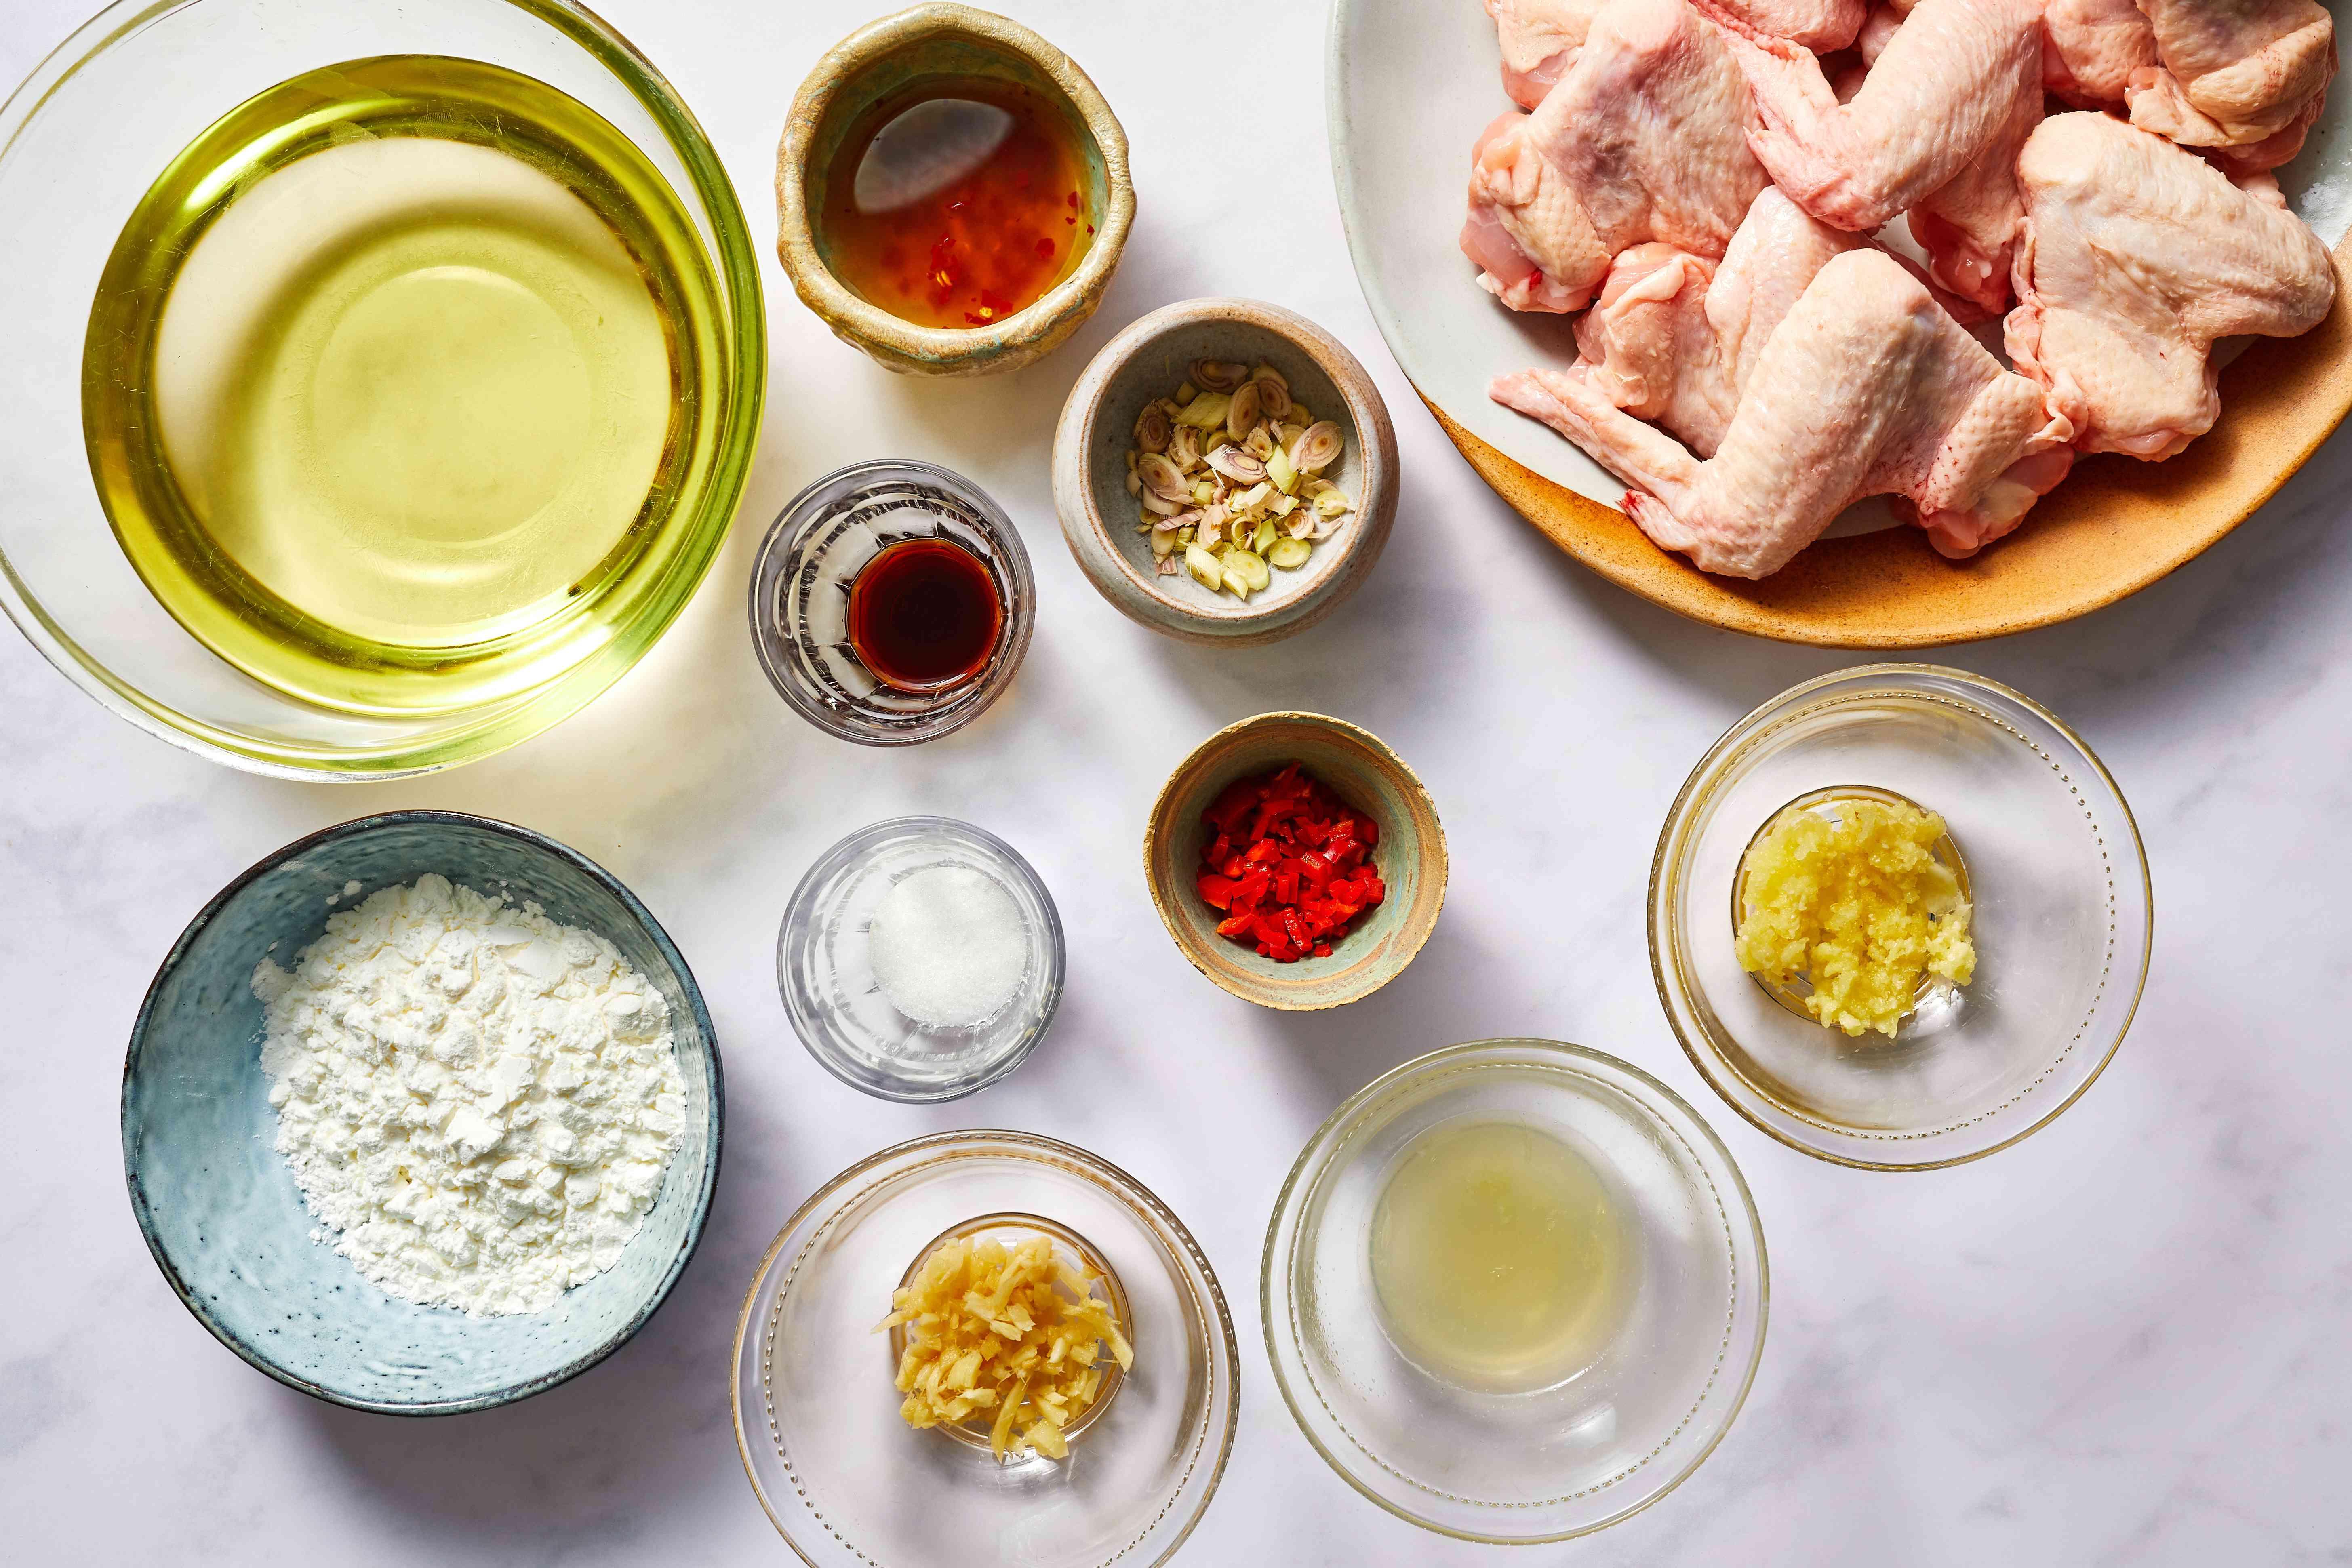 Vietnamese Fried Chicken Wings ingredients